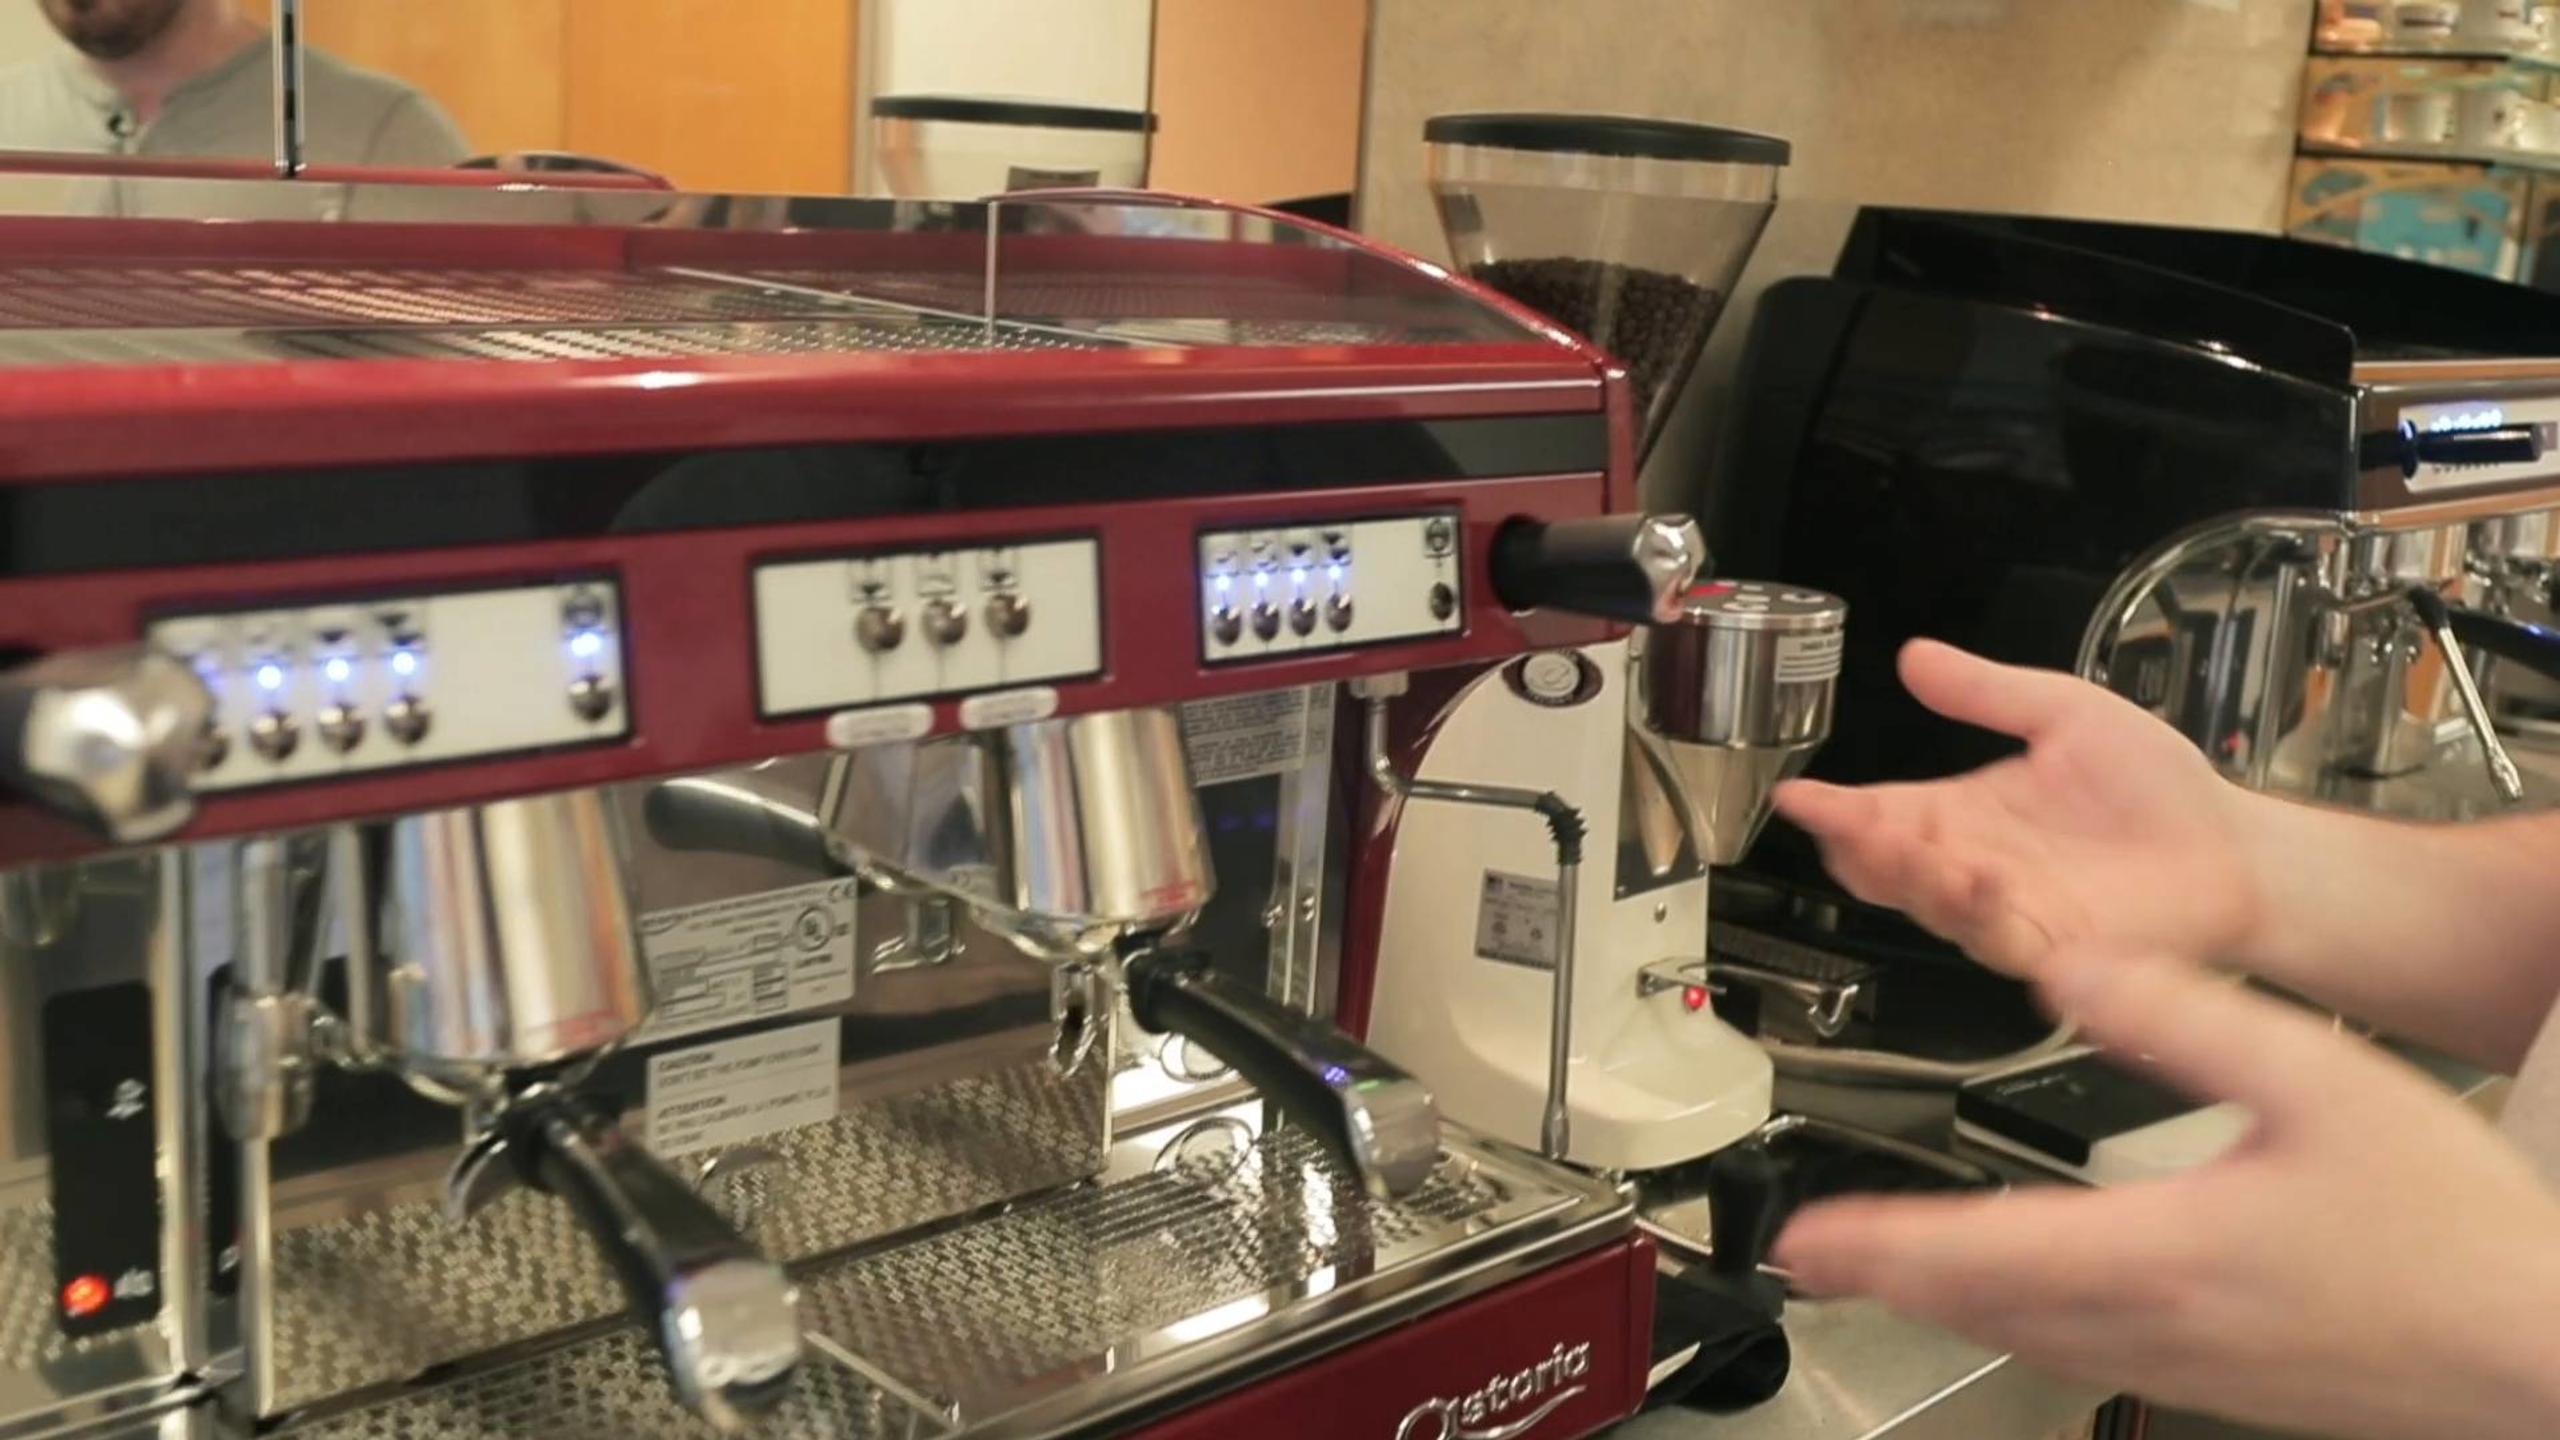 Astoria Gloria and Perla Espresso Machines